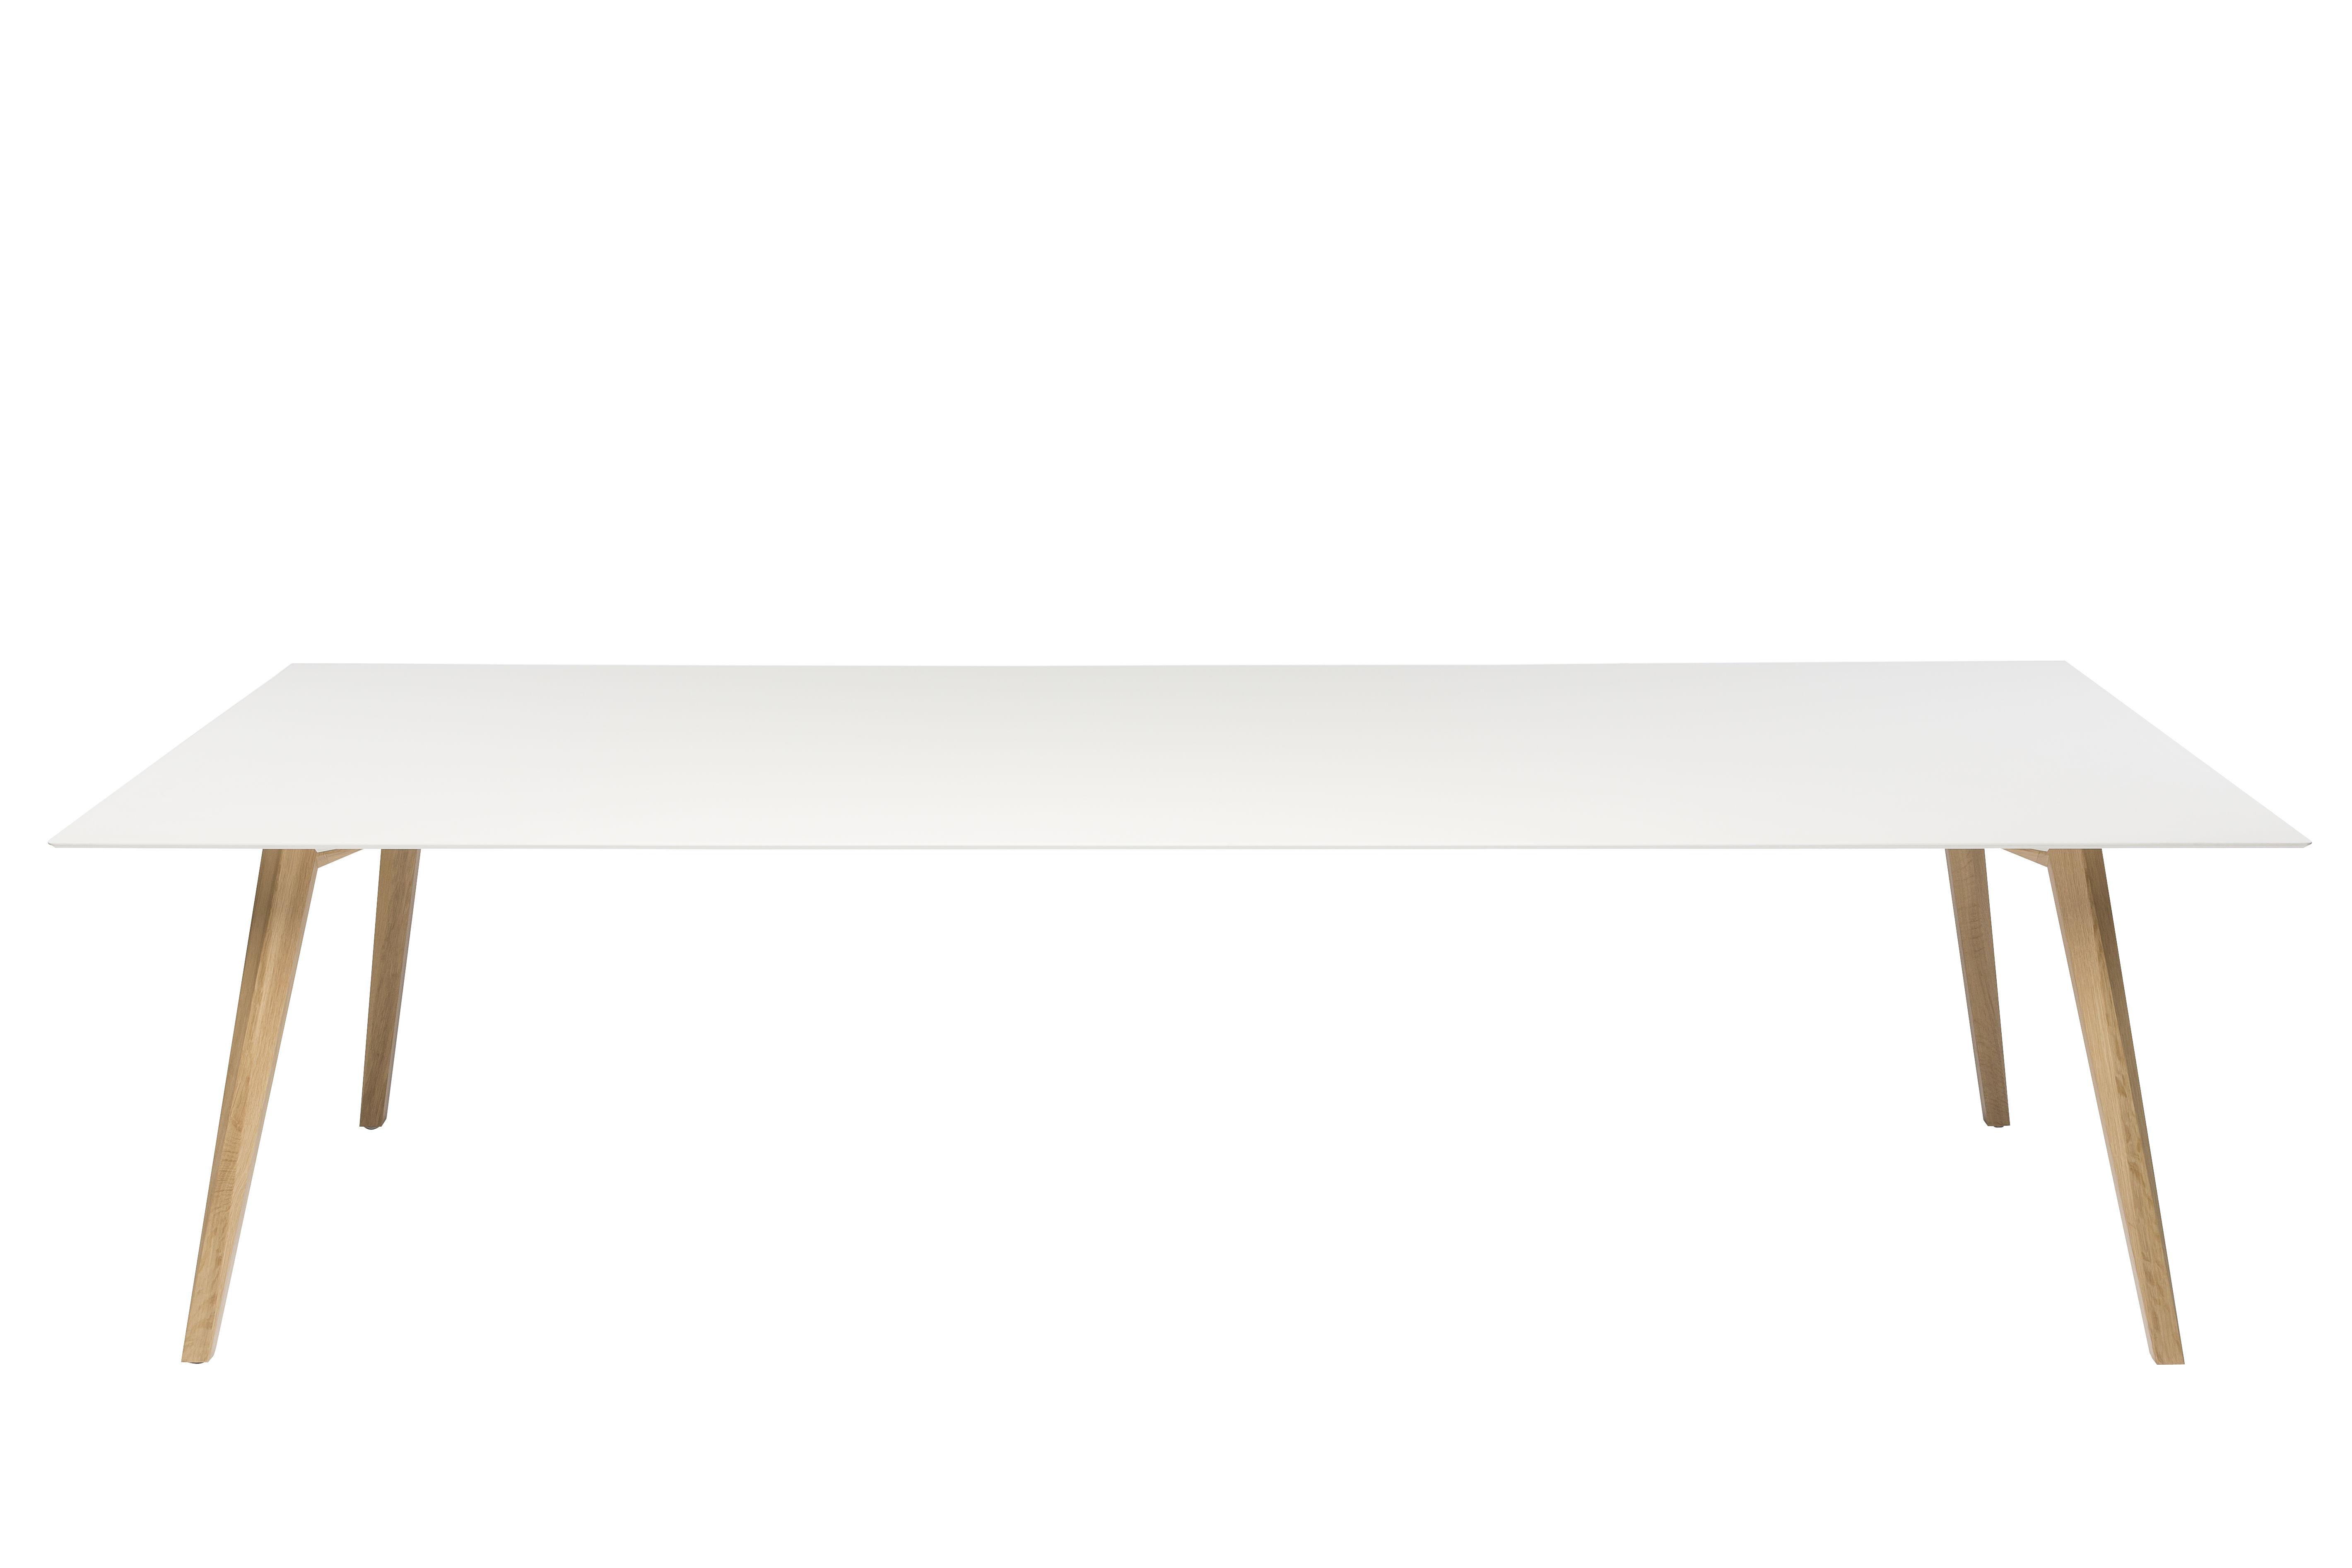 Mobilier - Bureaux - Table Bevel / Bureau - 200 x 100 cm - Pieds bois - ICF - Blanc / Pieds bois - Aluminium, Chêne, HPL